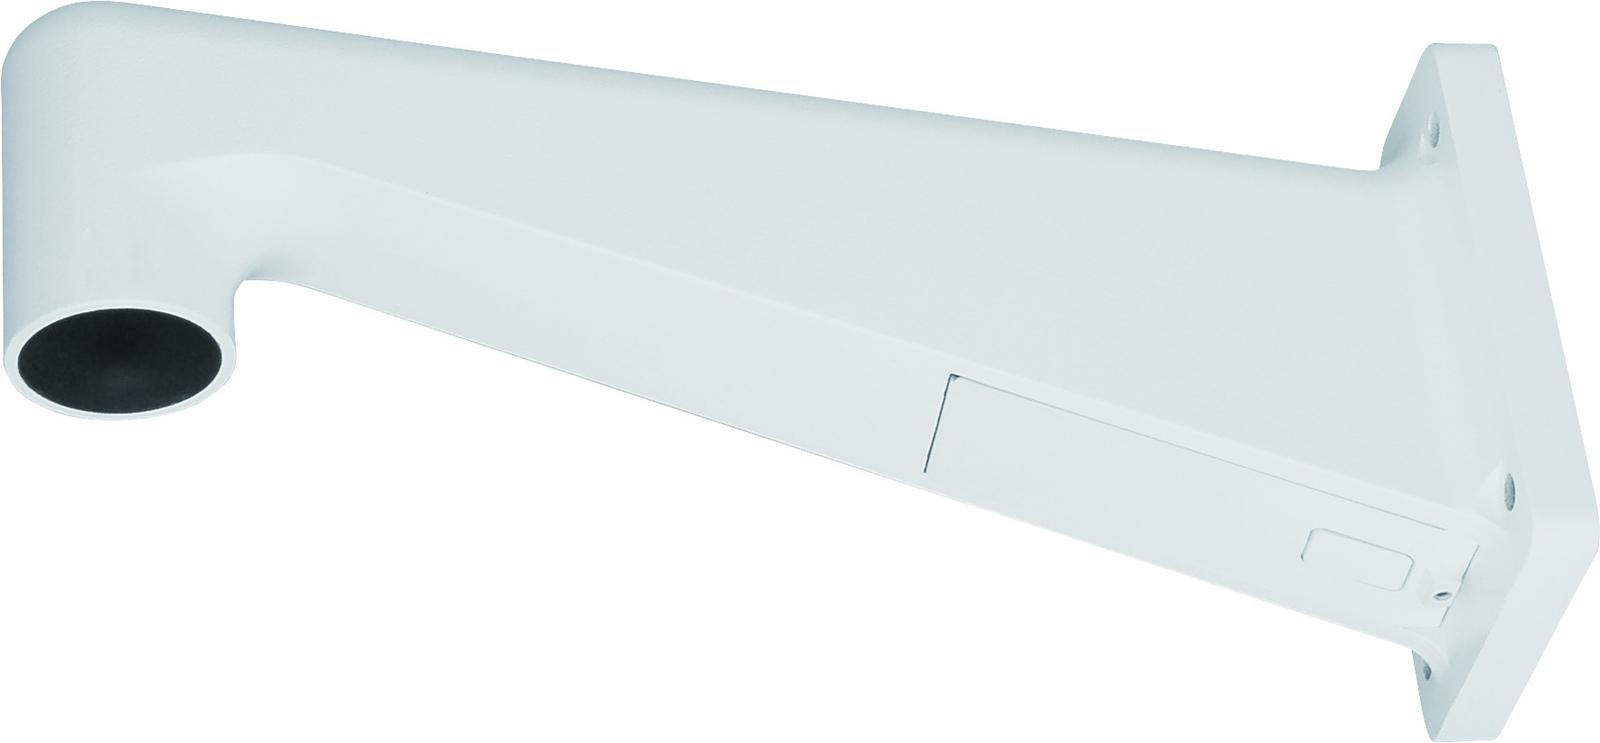 Ernitec ORION/3 Gooseneck, White Threaded wall mount bracket 0070-10108 - eet01